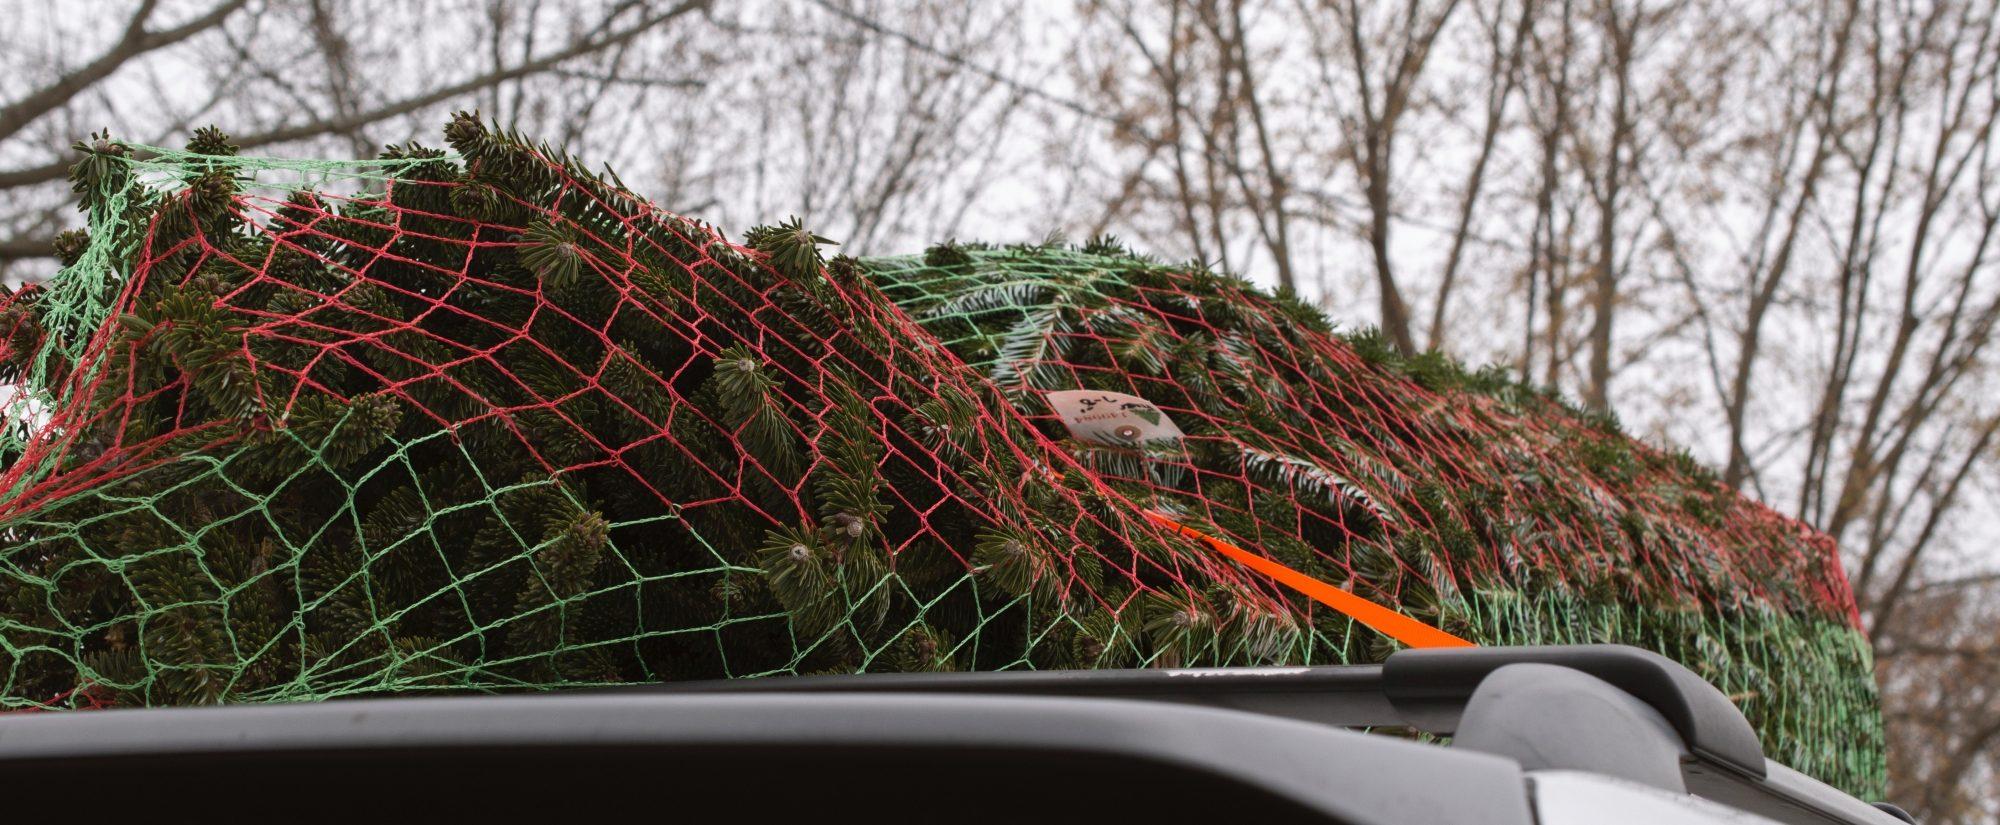 weihnachtsbaum im netz